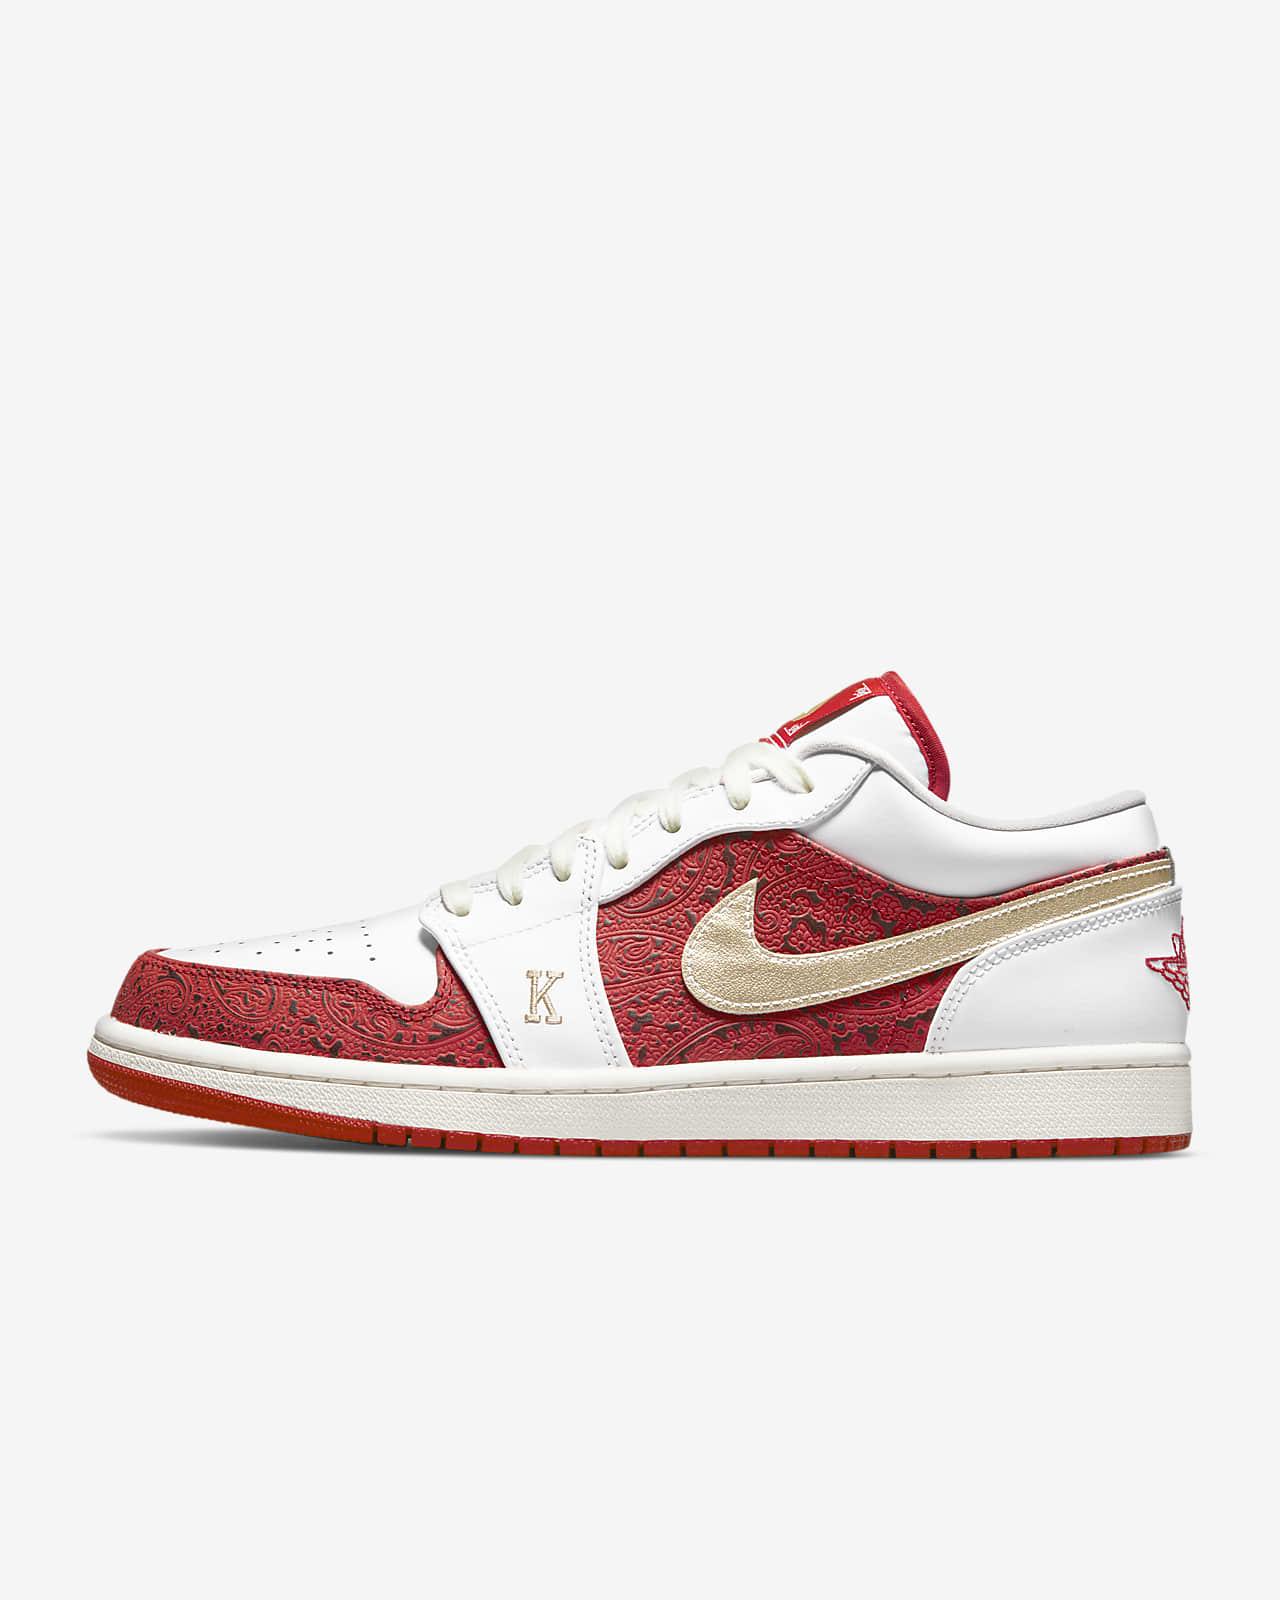 Air Jordan 1 Low SE Men's Shoes. Nike ID